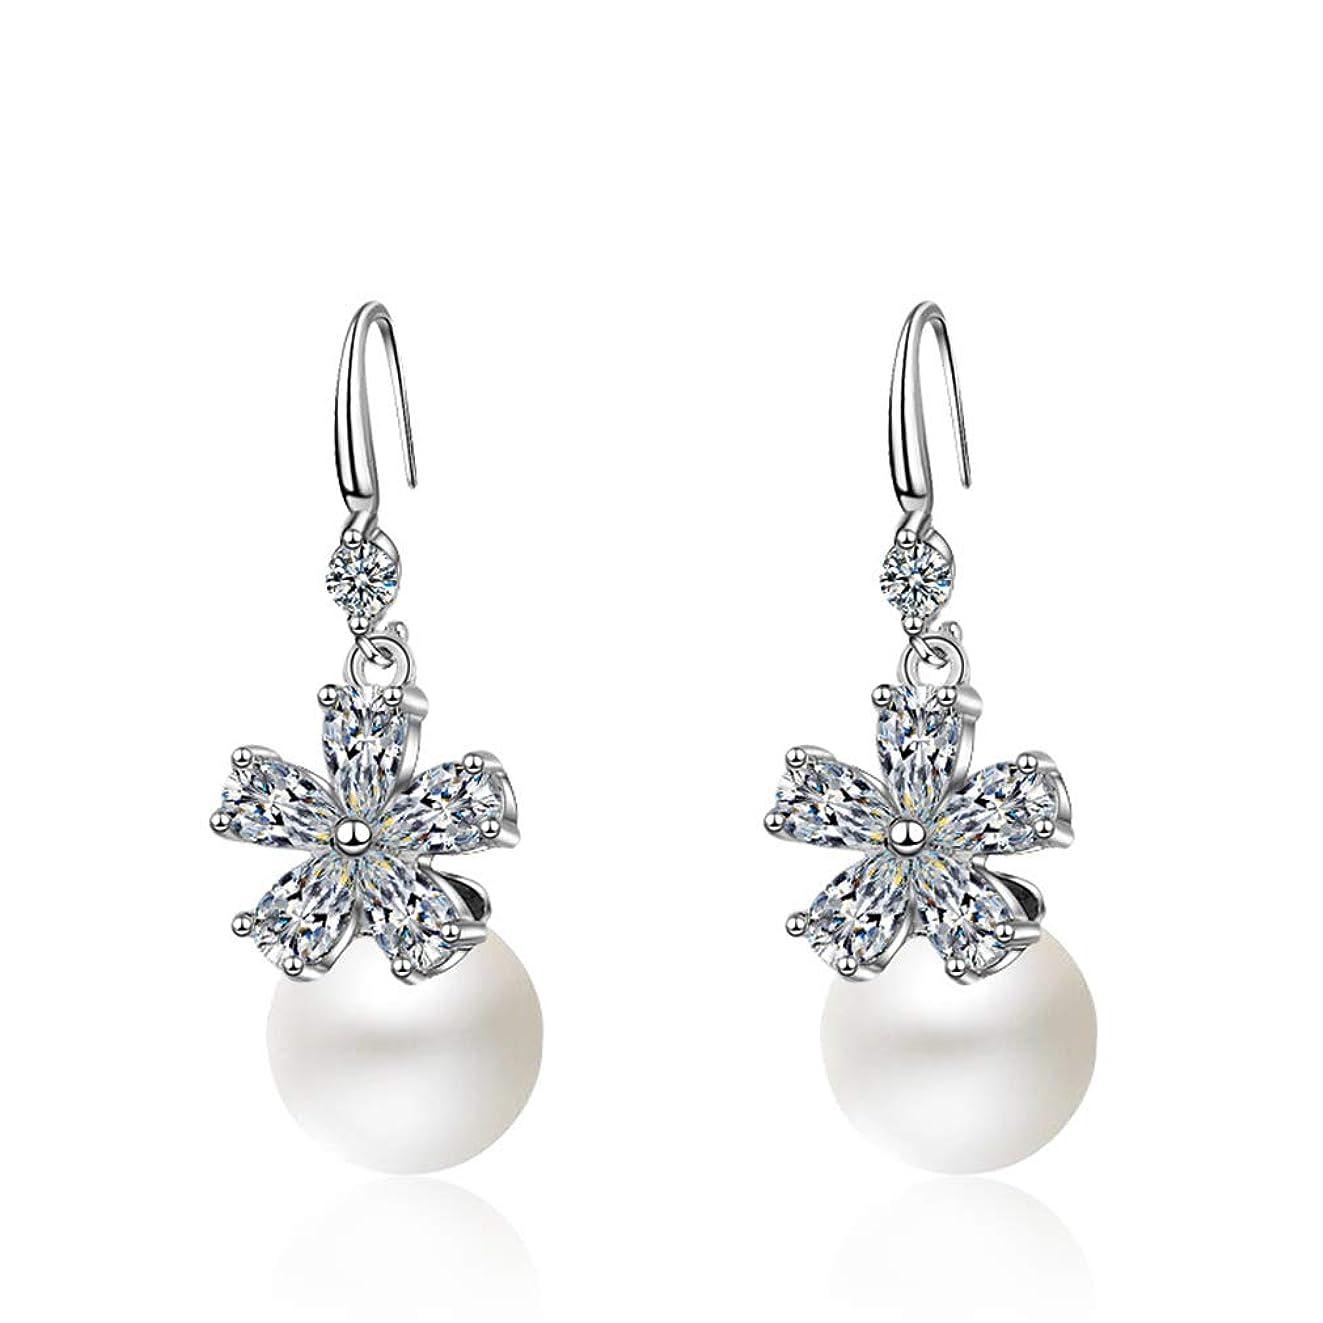 歴史的酸っぱい悪党Ai.Moichien フックダングル淡水真珠のイヤリングシルバーメッキラインストーンエレガントな女性の女の子のイヤリングジュエリー